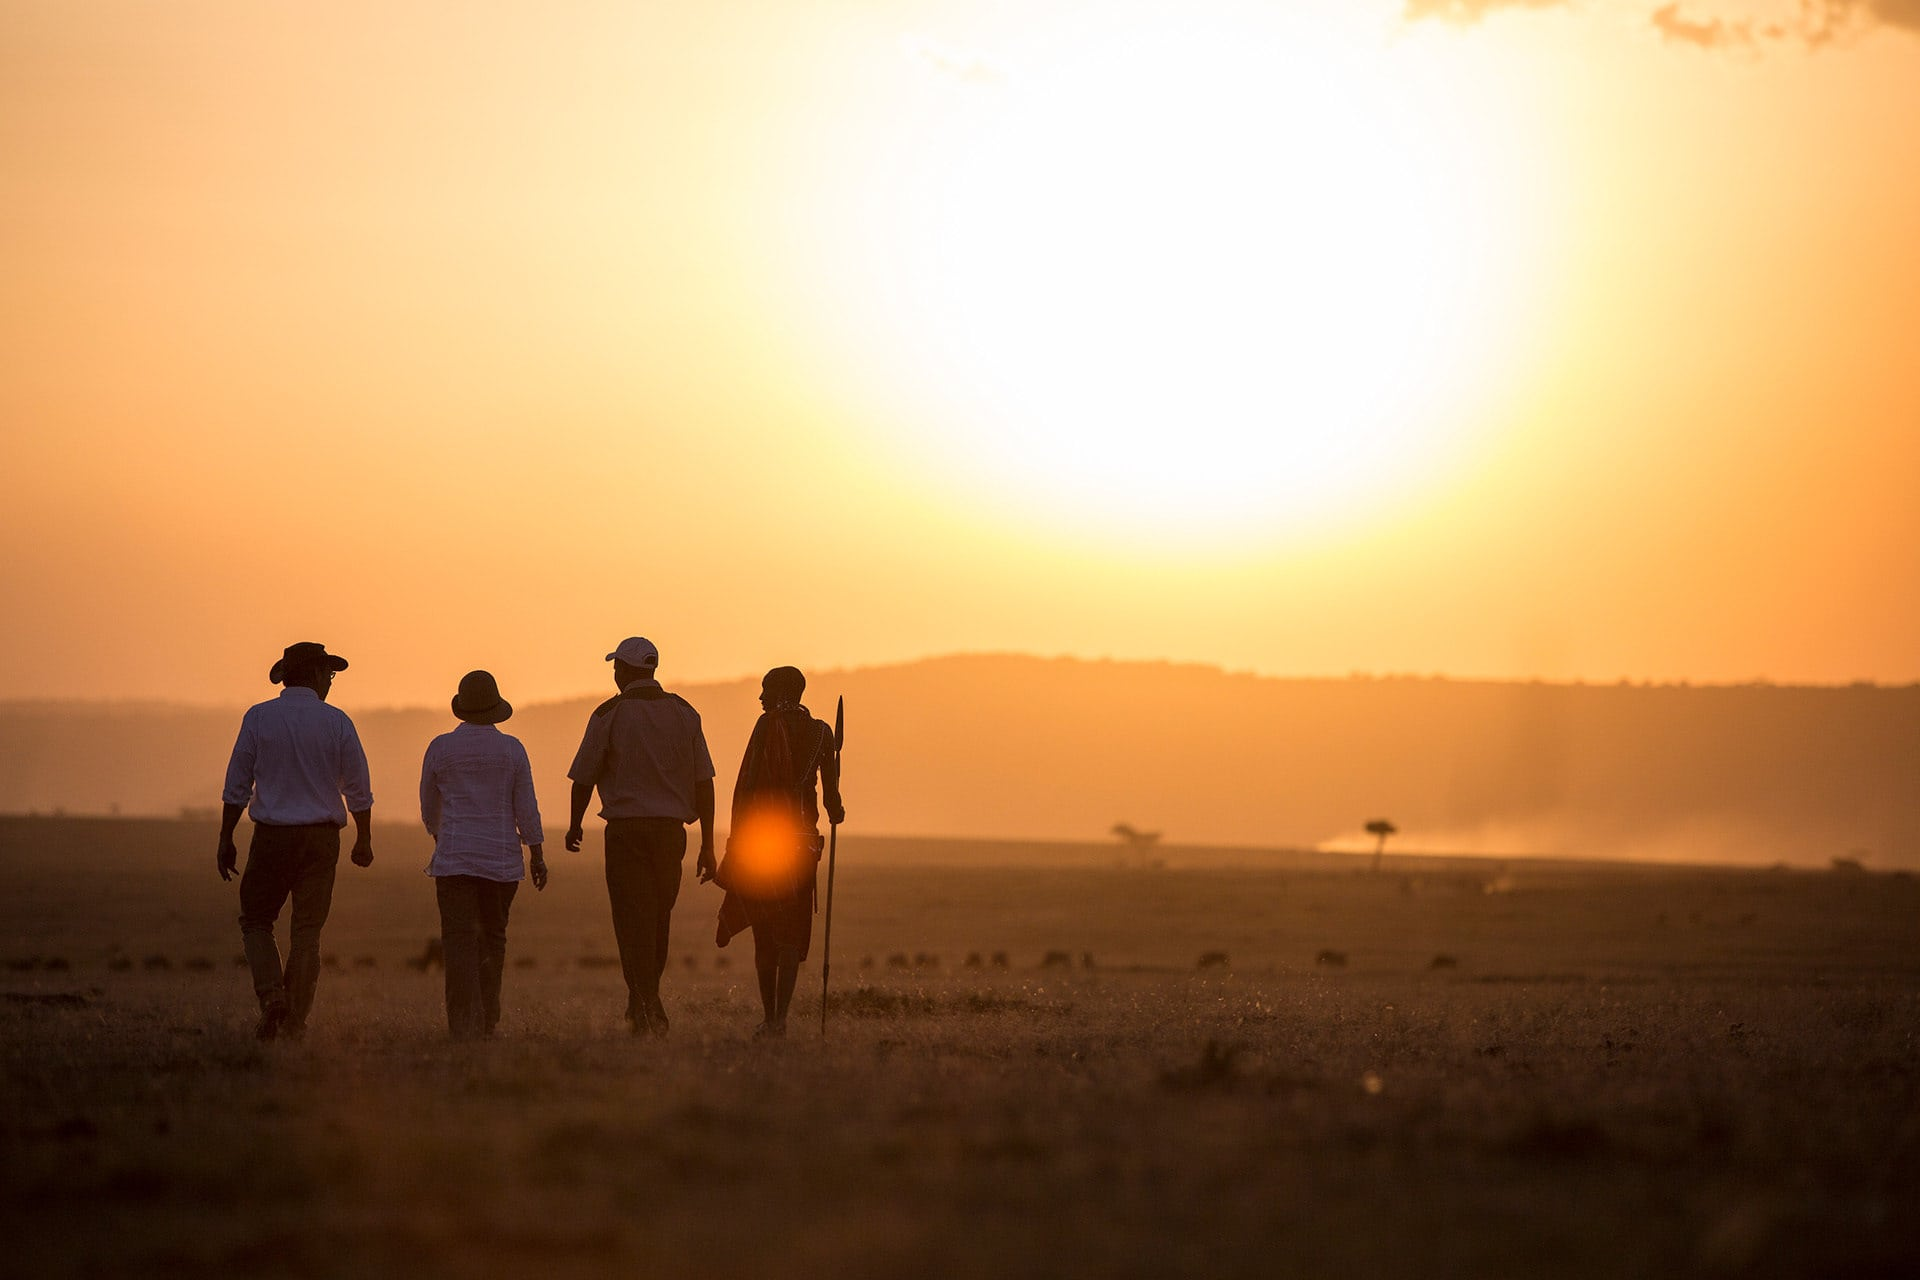 Adumu Safaris Activities - Trekking and Walking Safaris